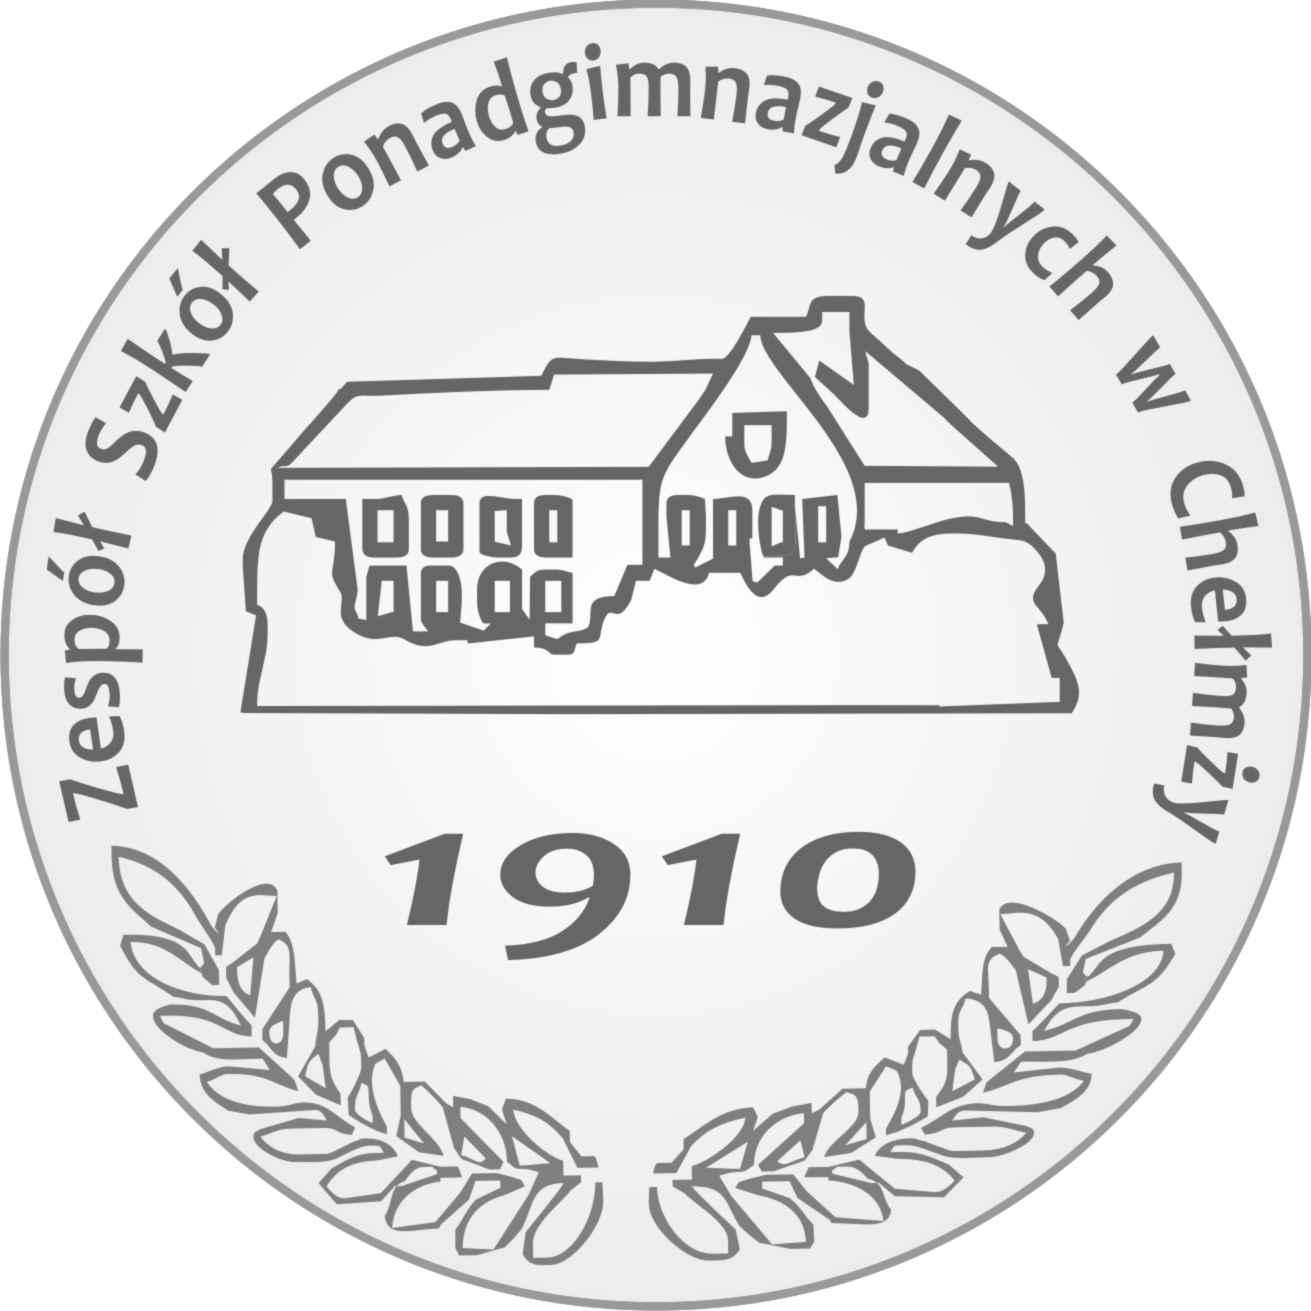 logo_zspwch.jpg